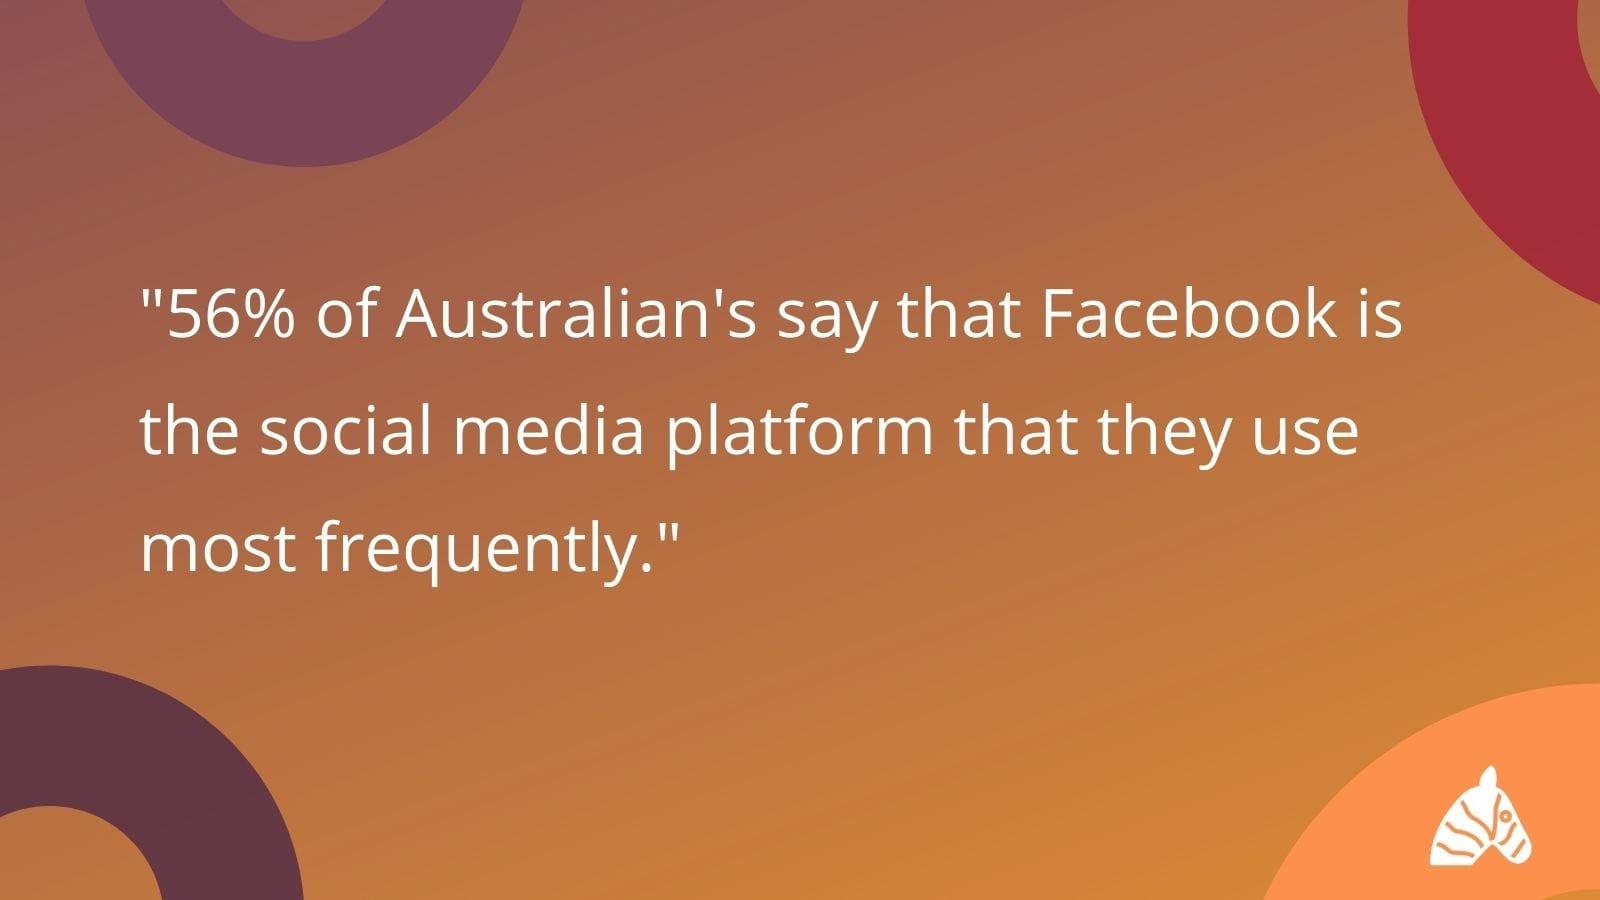 facebook is the most popular social media platform in australia